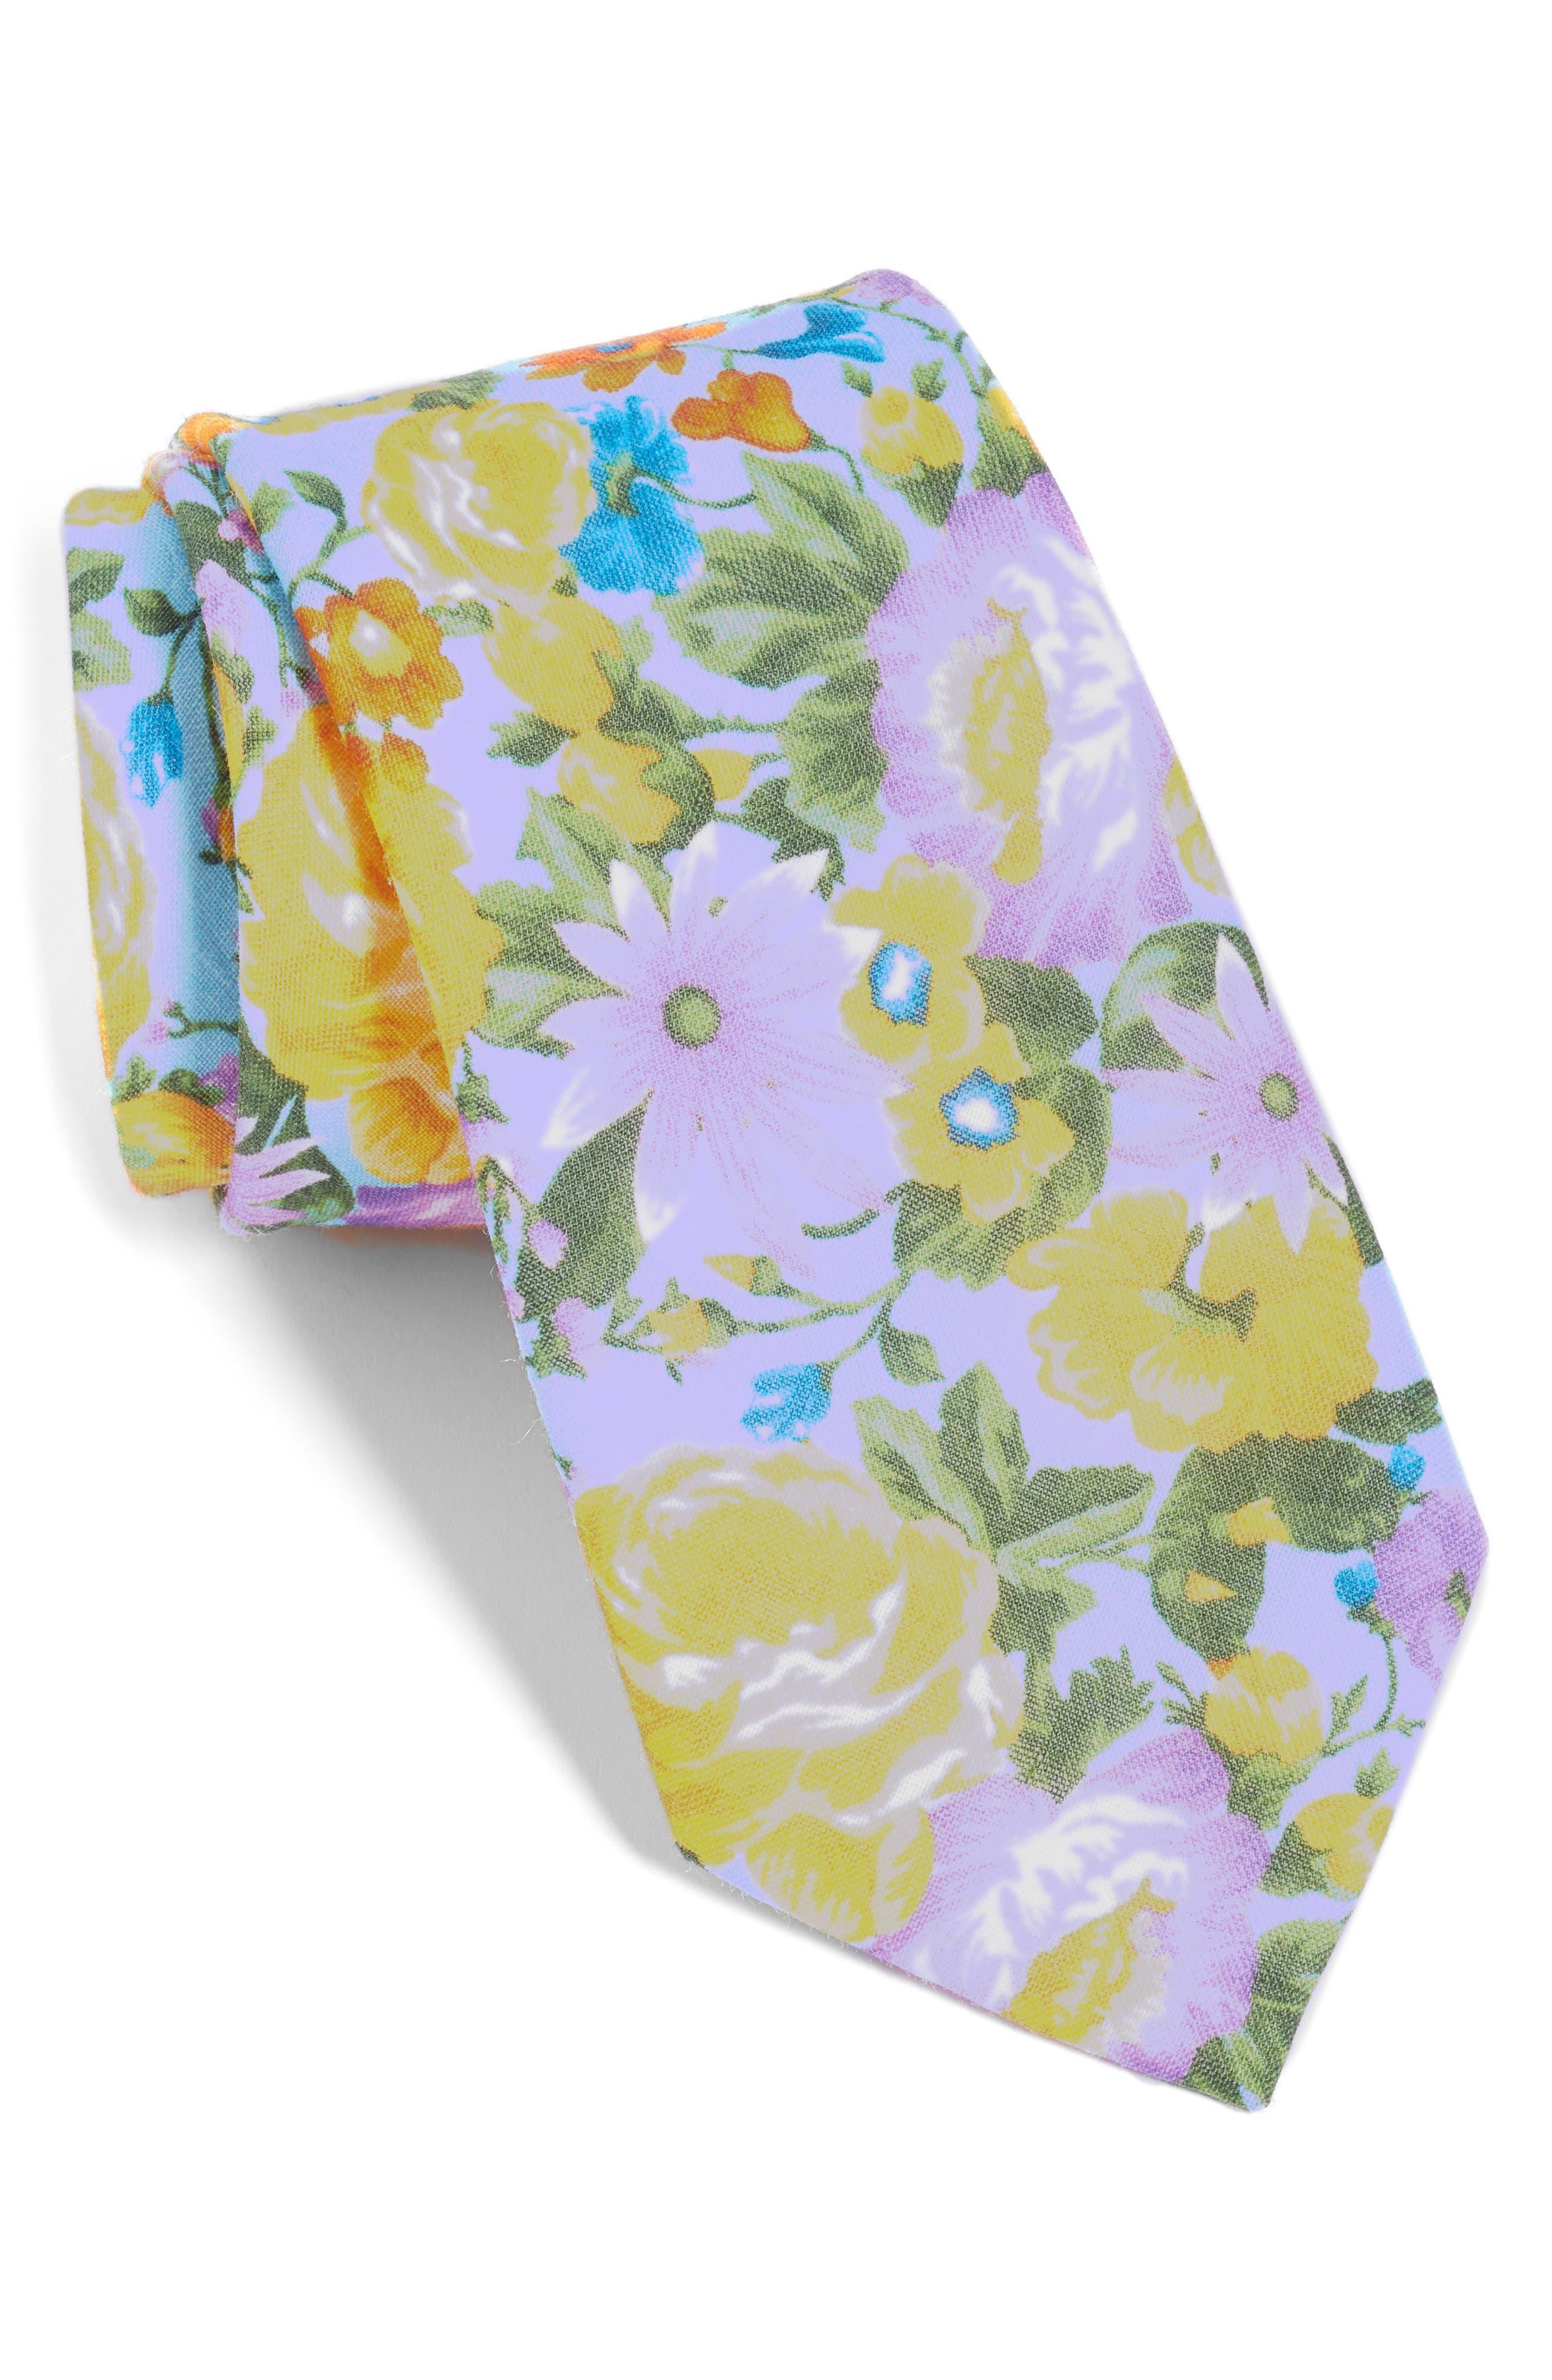 Duke Floral Linen Tie,                             Main thumbnail 1, color,                             LIGHT BLUE